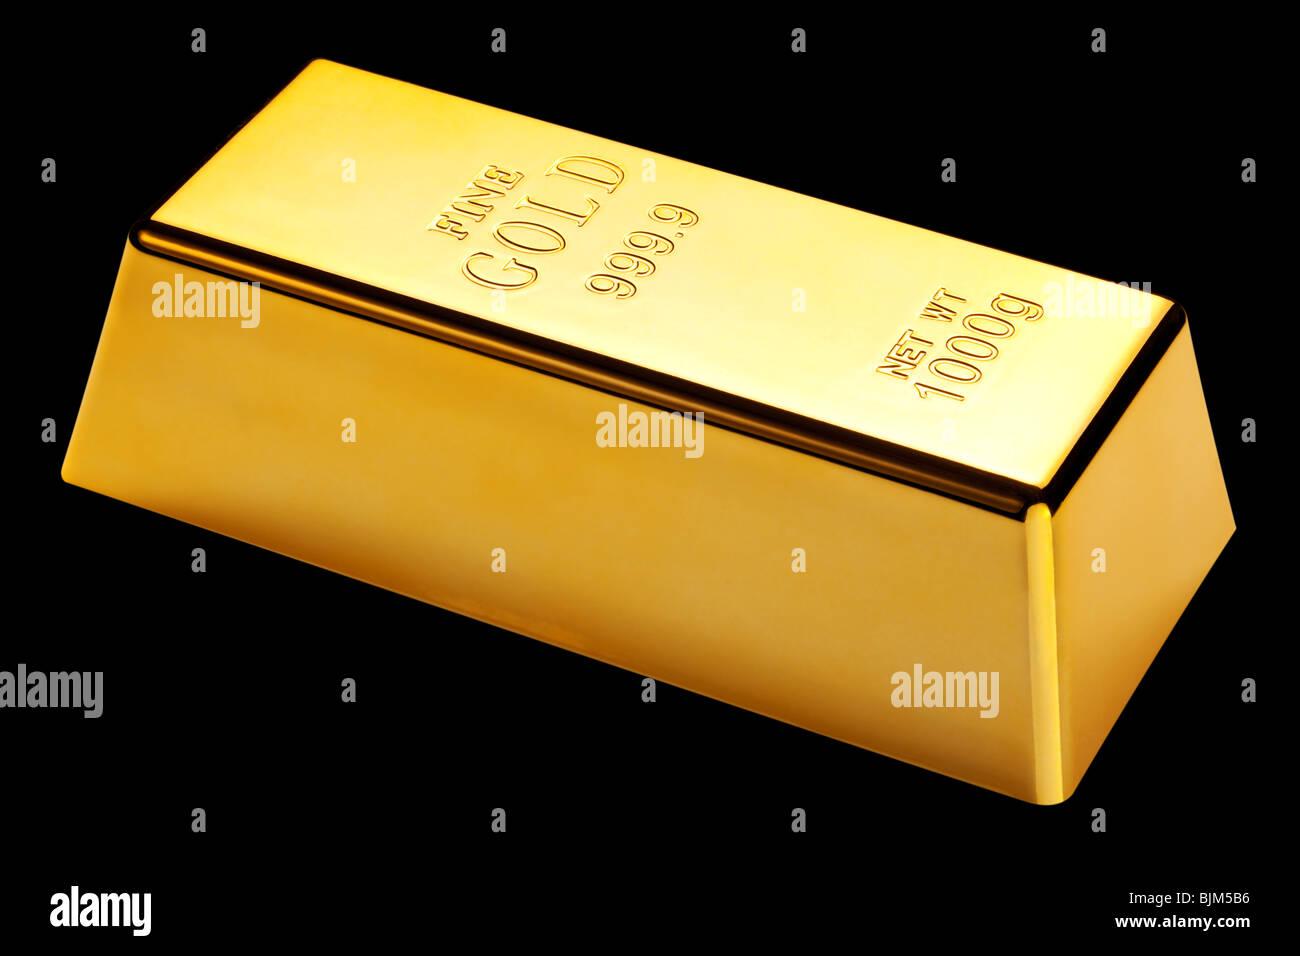 Foto di un 1kg gold bar isolato su sfondo nero Immagini Stock